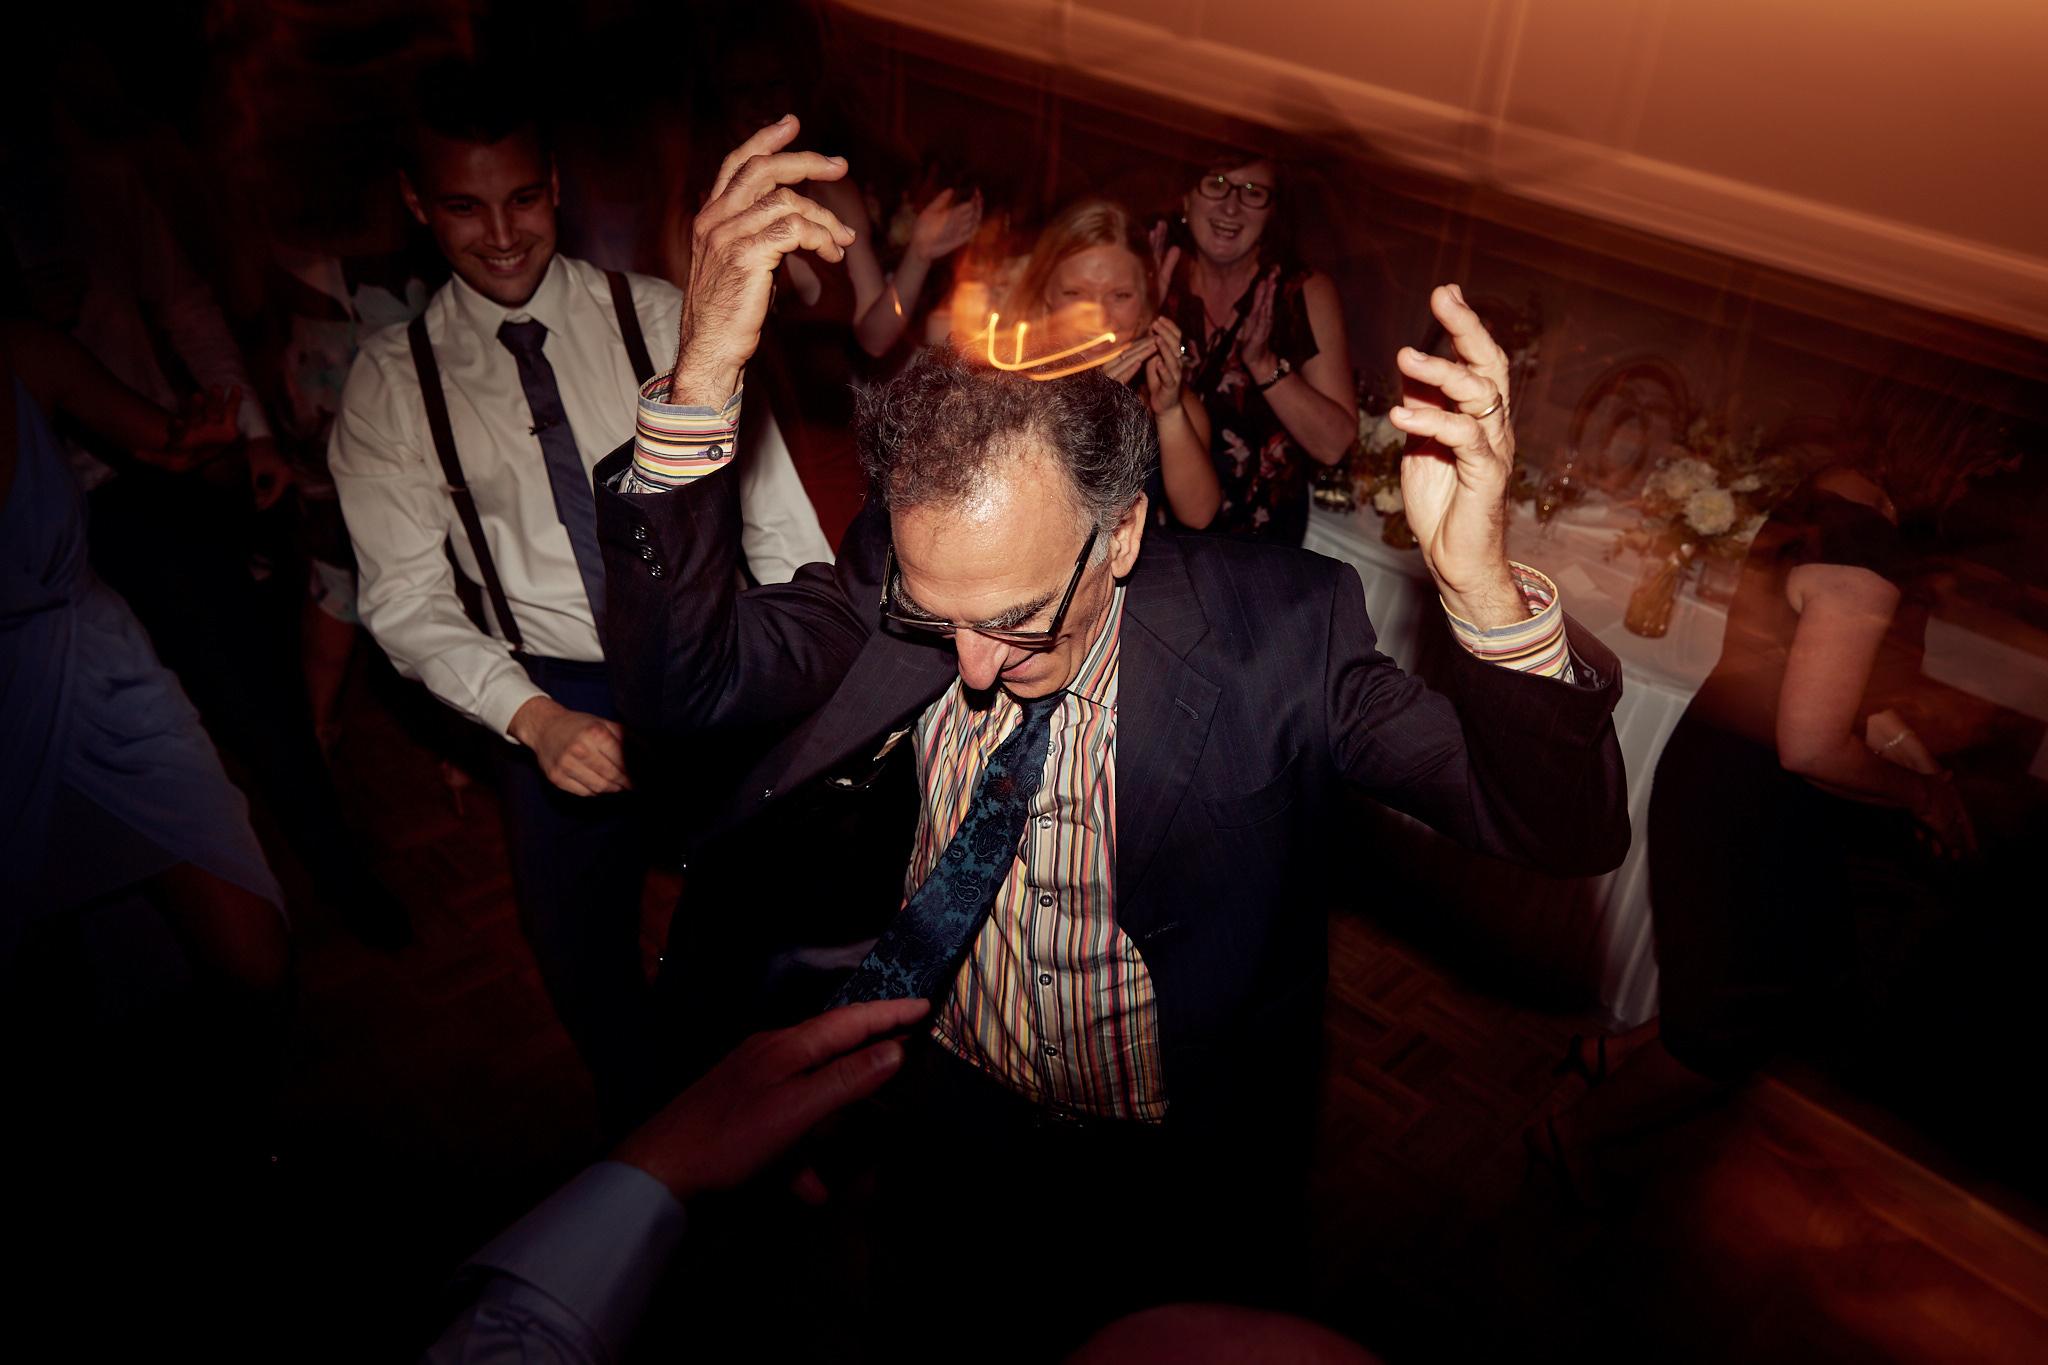 man dancing.jpg